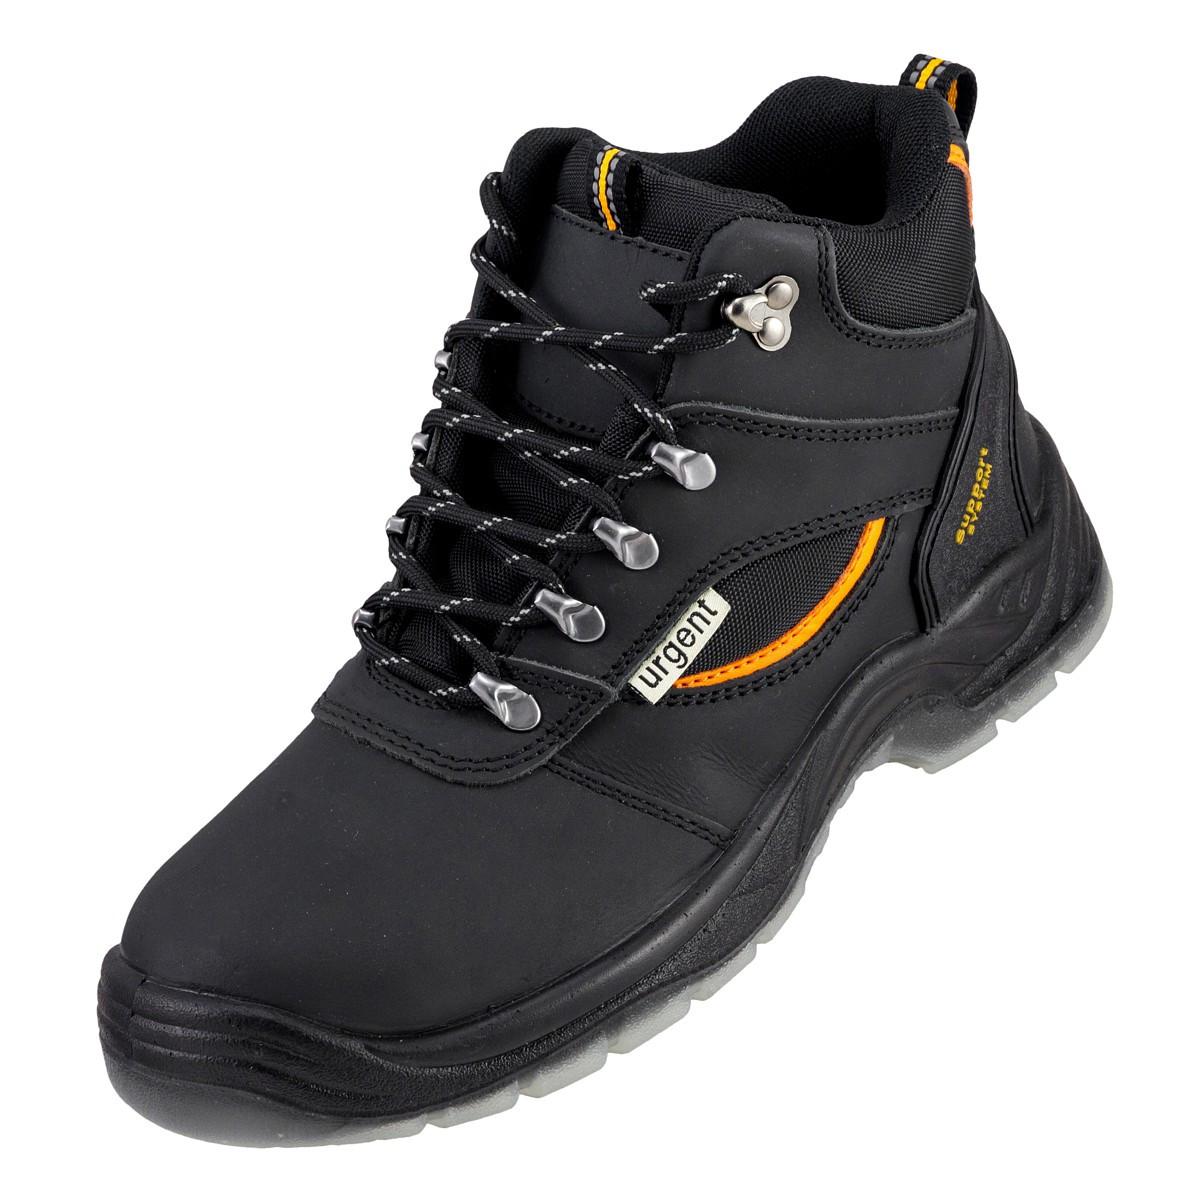 Ботинки 126 ОВ без металлического подноска. Urgent